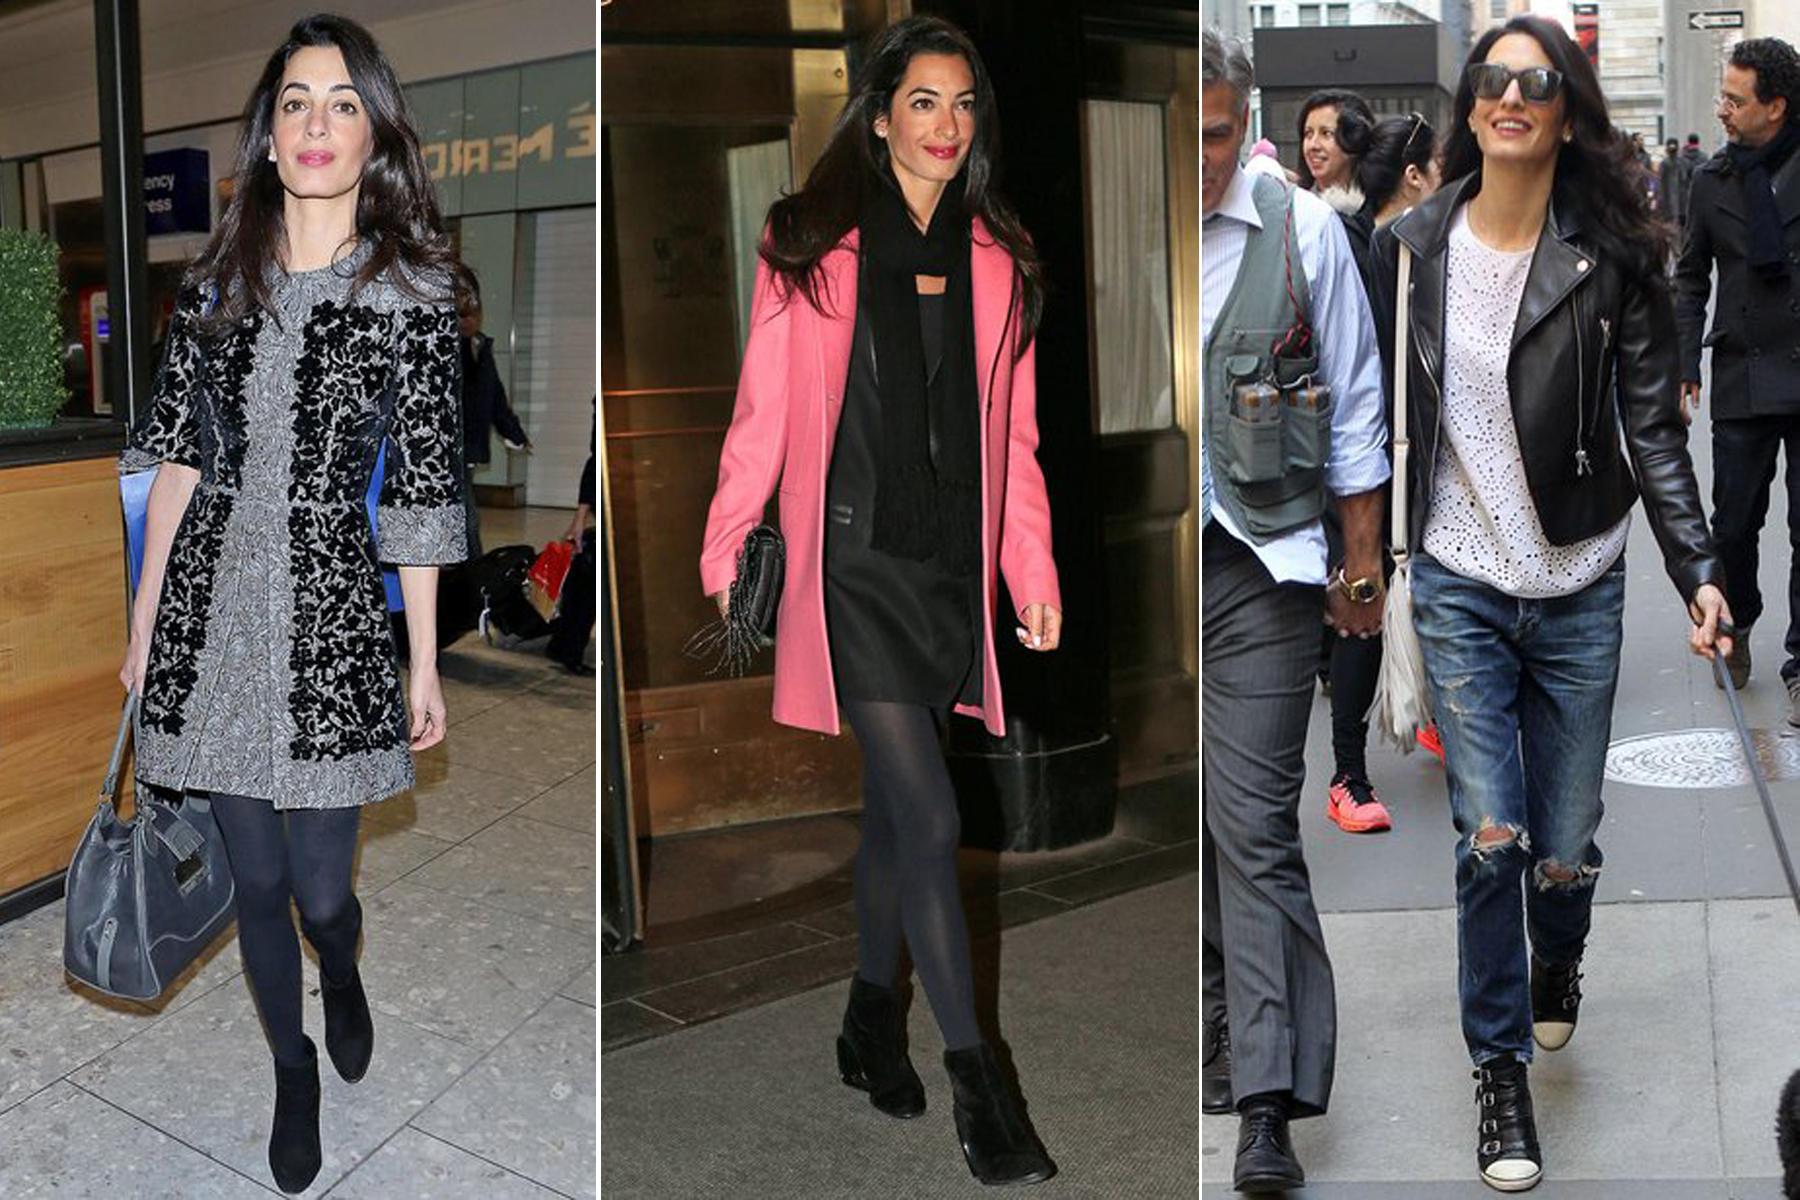 Von links nach rechts: Der graue Mantel von Dolce & Gabbana kostet knapp 4000 Euro, das pinke Modell von Balenciaga knapp 1300 Euro und die Lederjacke (ebenfalls Balenciaga) schlägt mit 2445 Euro zu Buche.